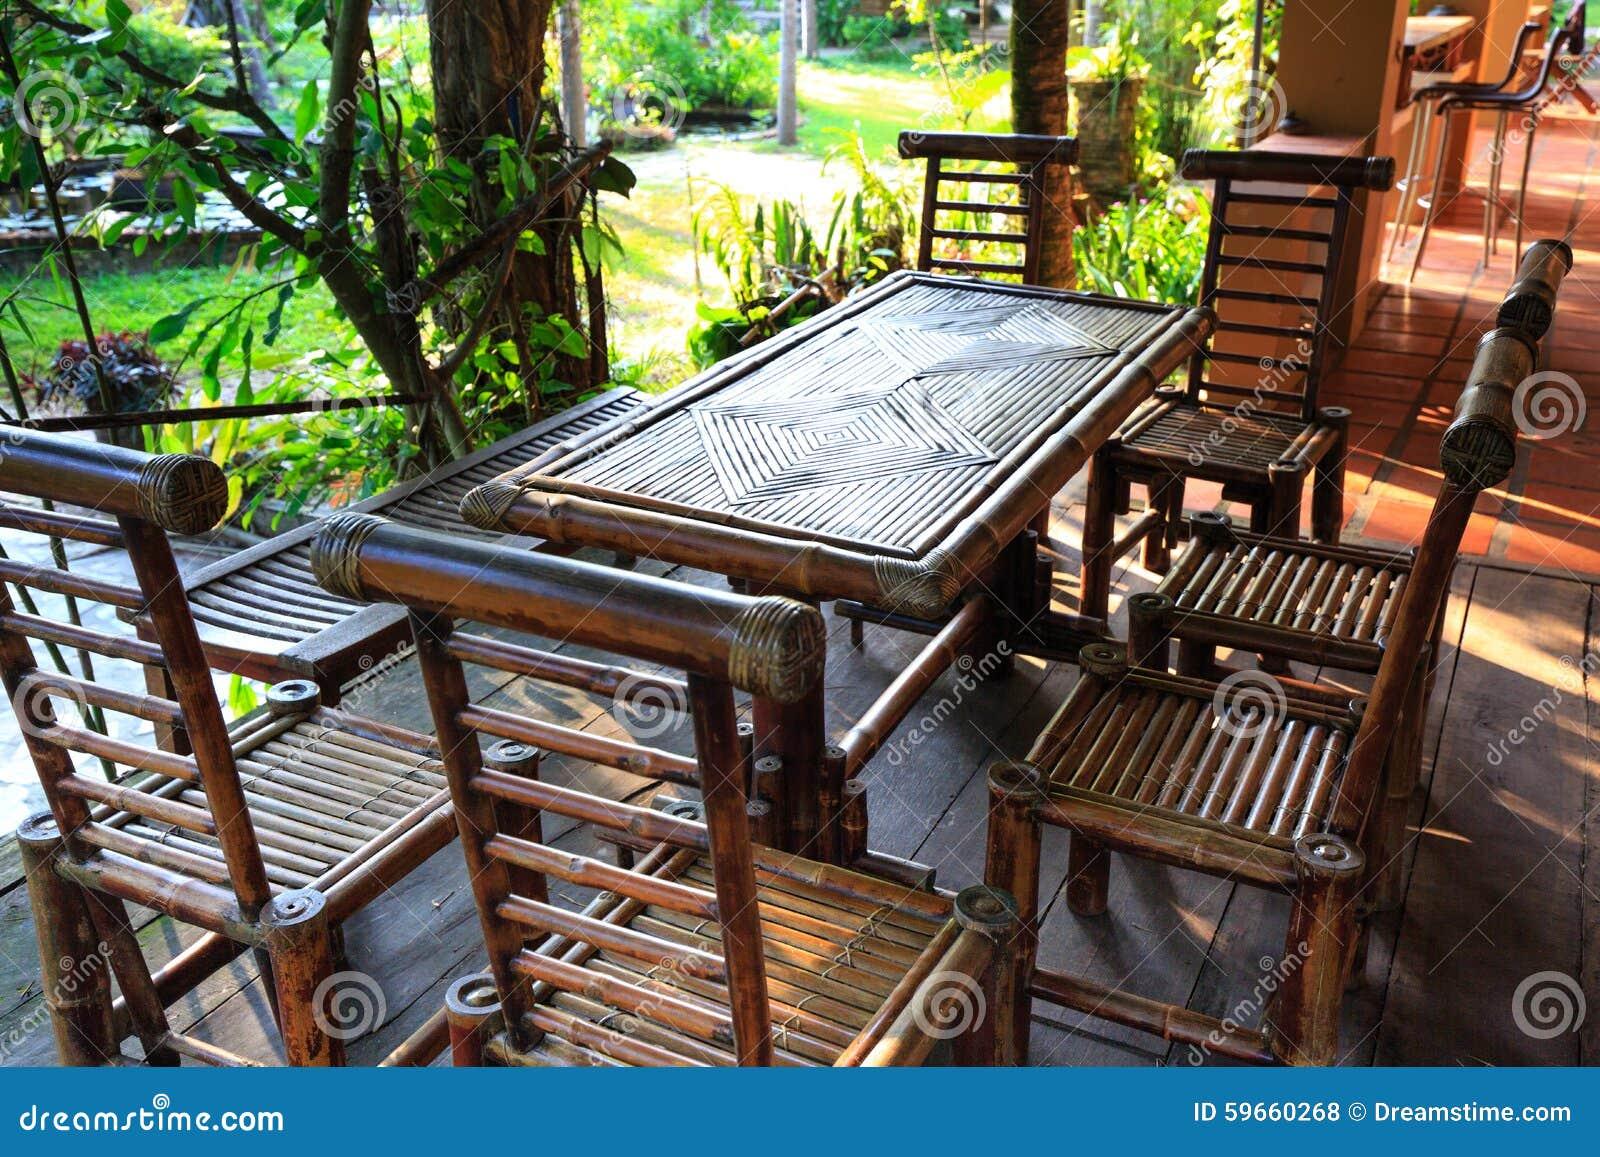 Muebles Del Jard N Hechos De Bamb Foto De Archivo Imagen De  # Muebles Debambu